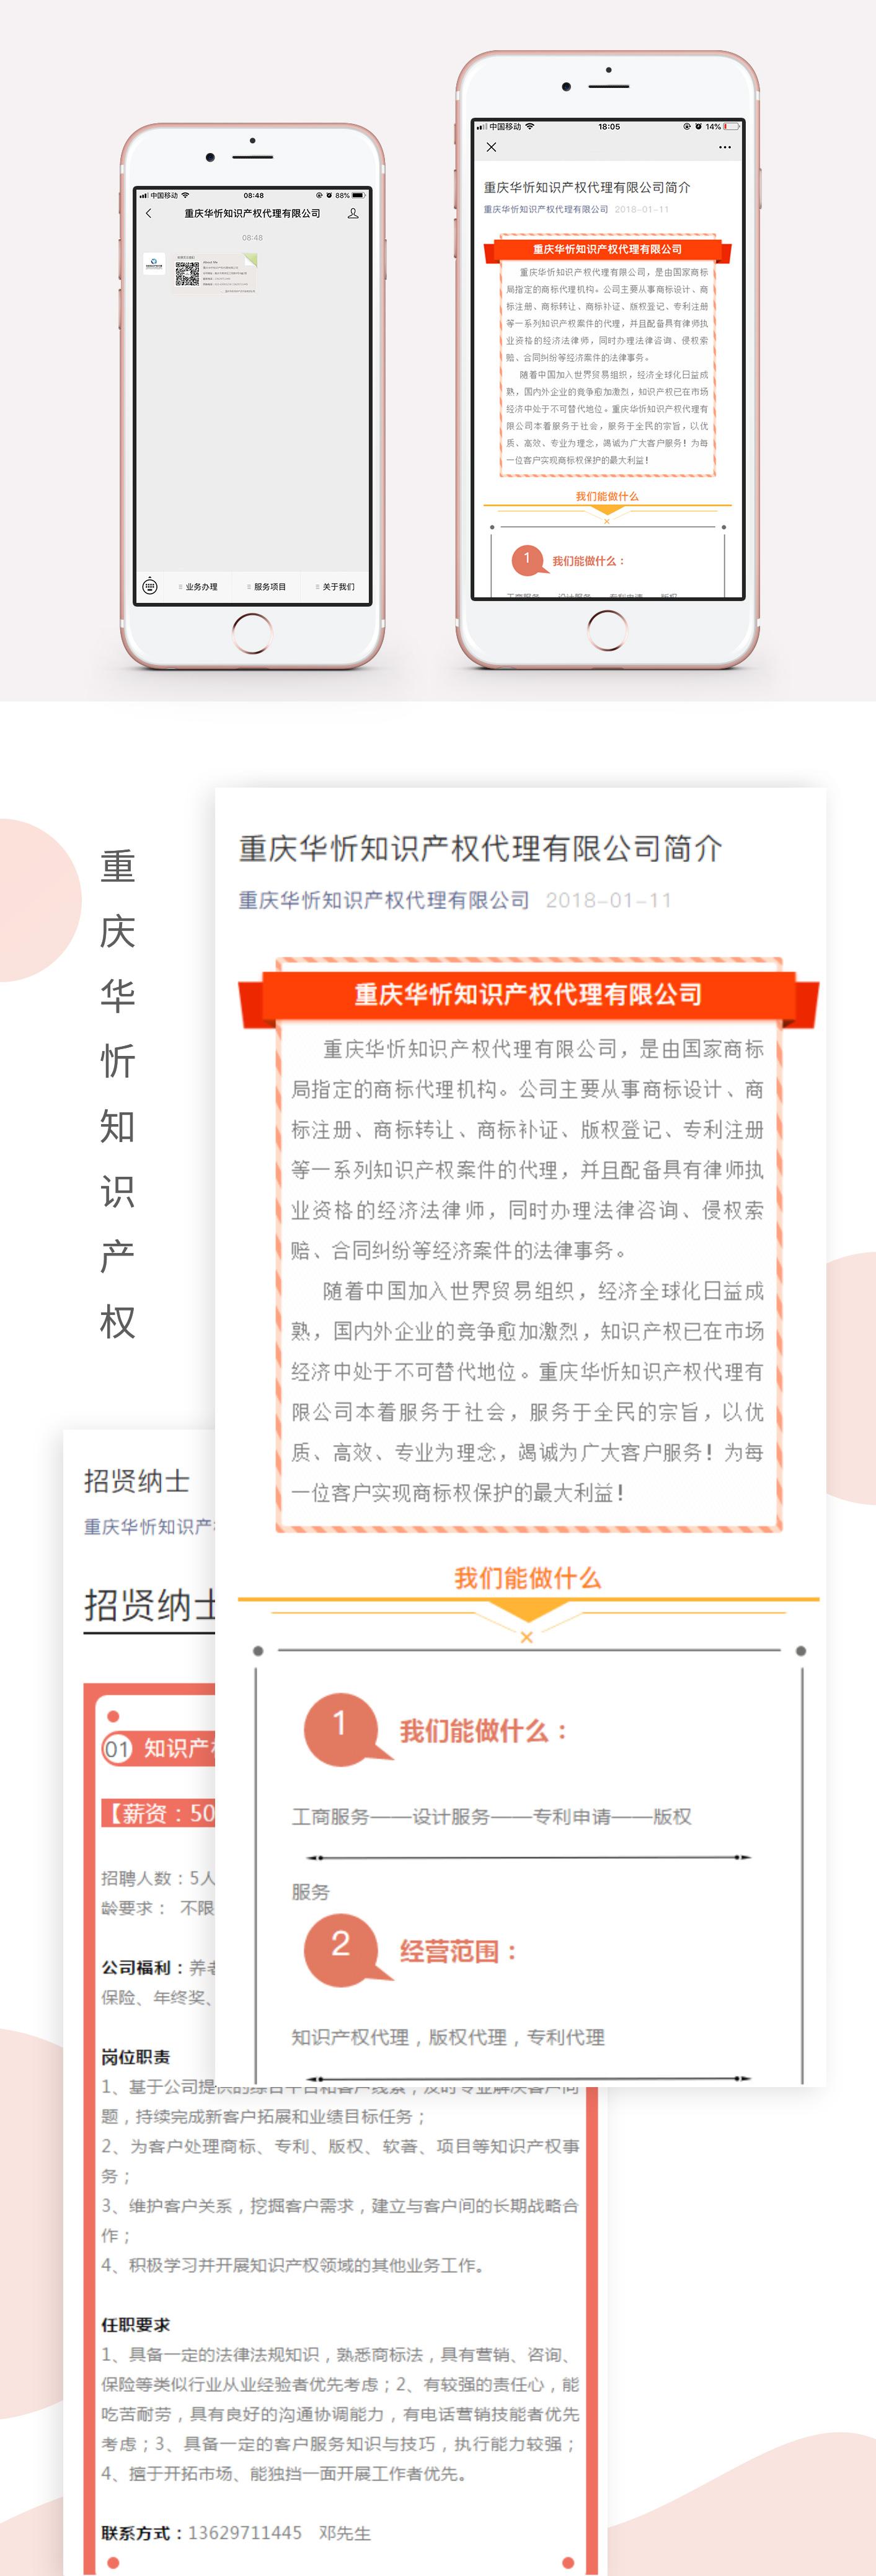 雷竞技注册华忻知识产权代理有限公司.jpg